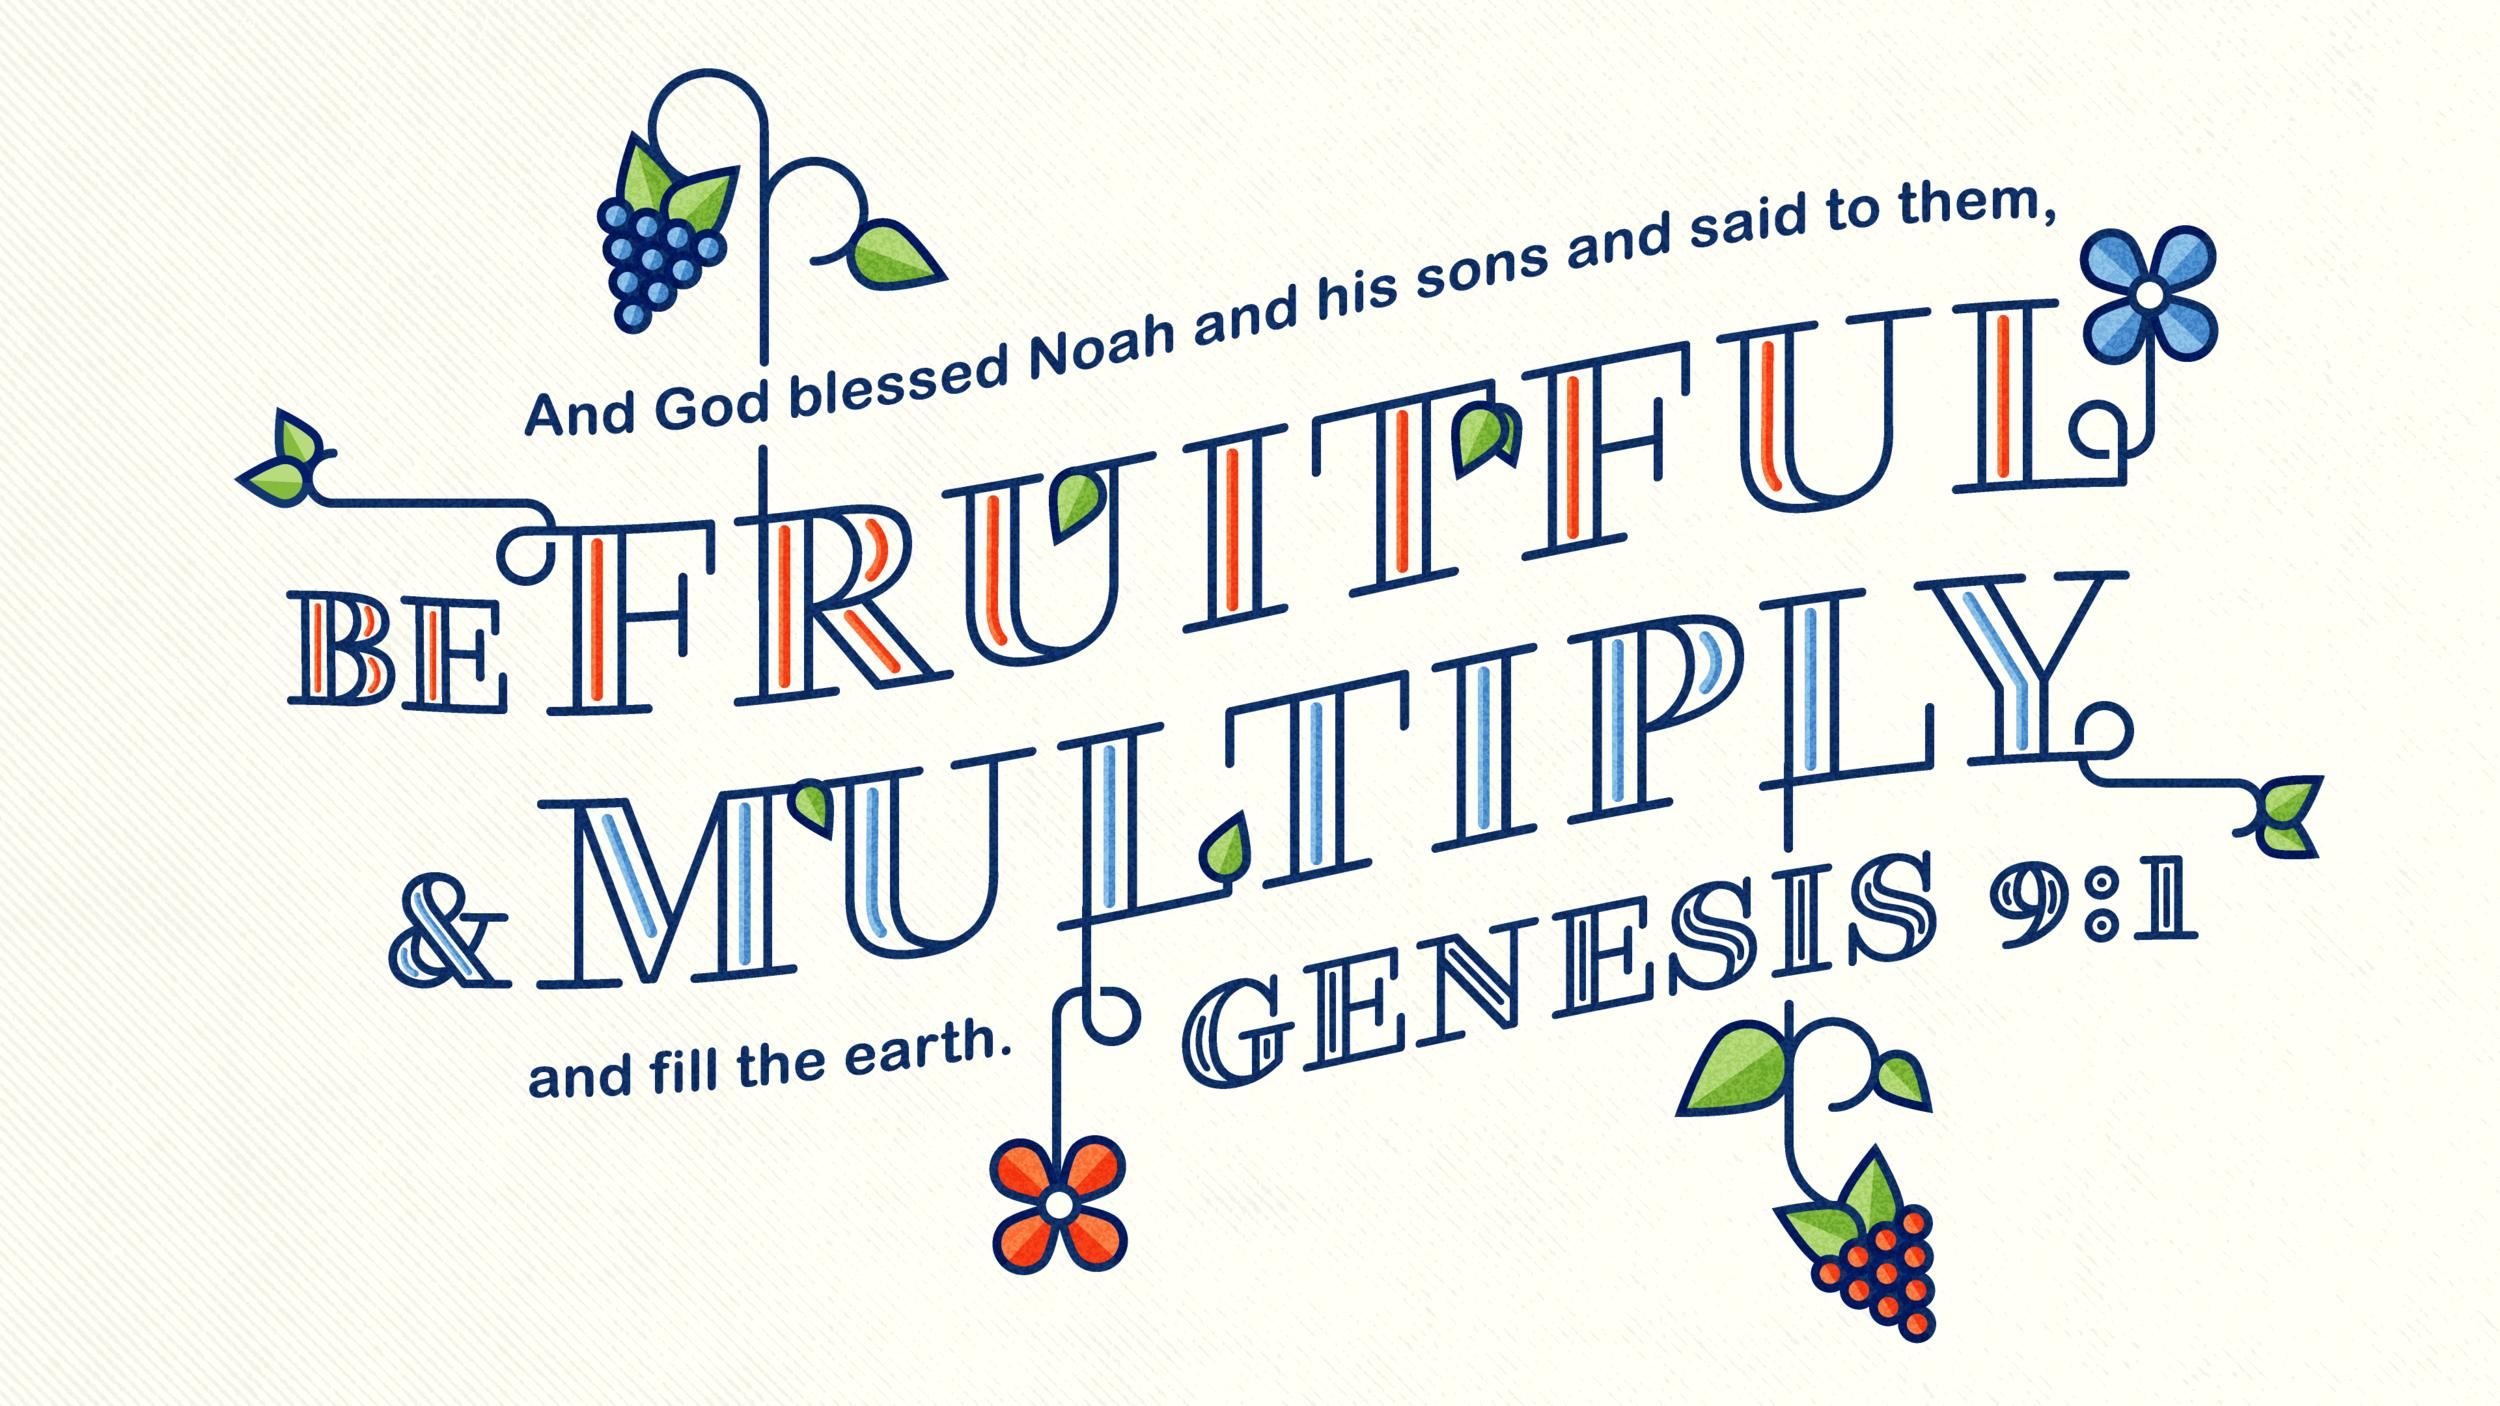 Genesis_9_1-3840x2160.png